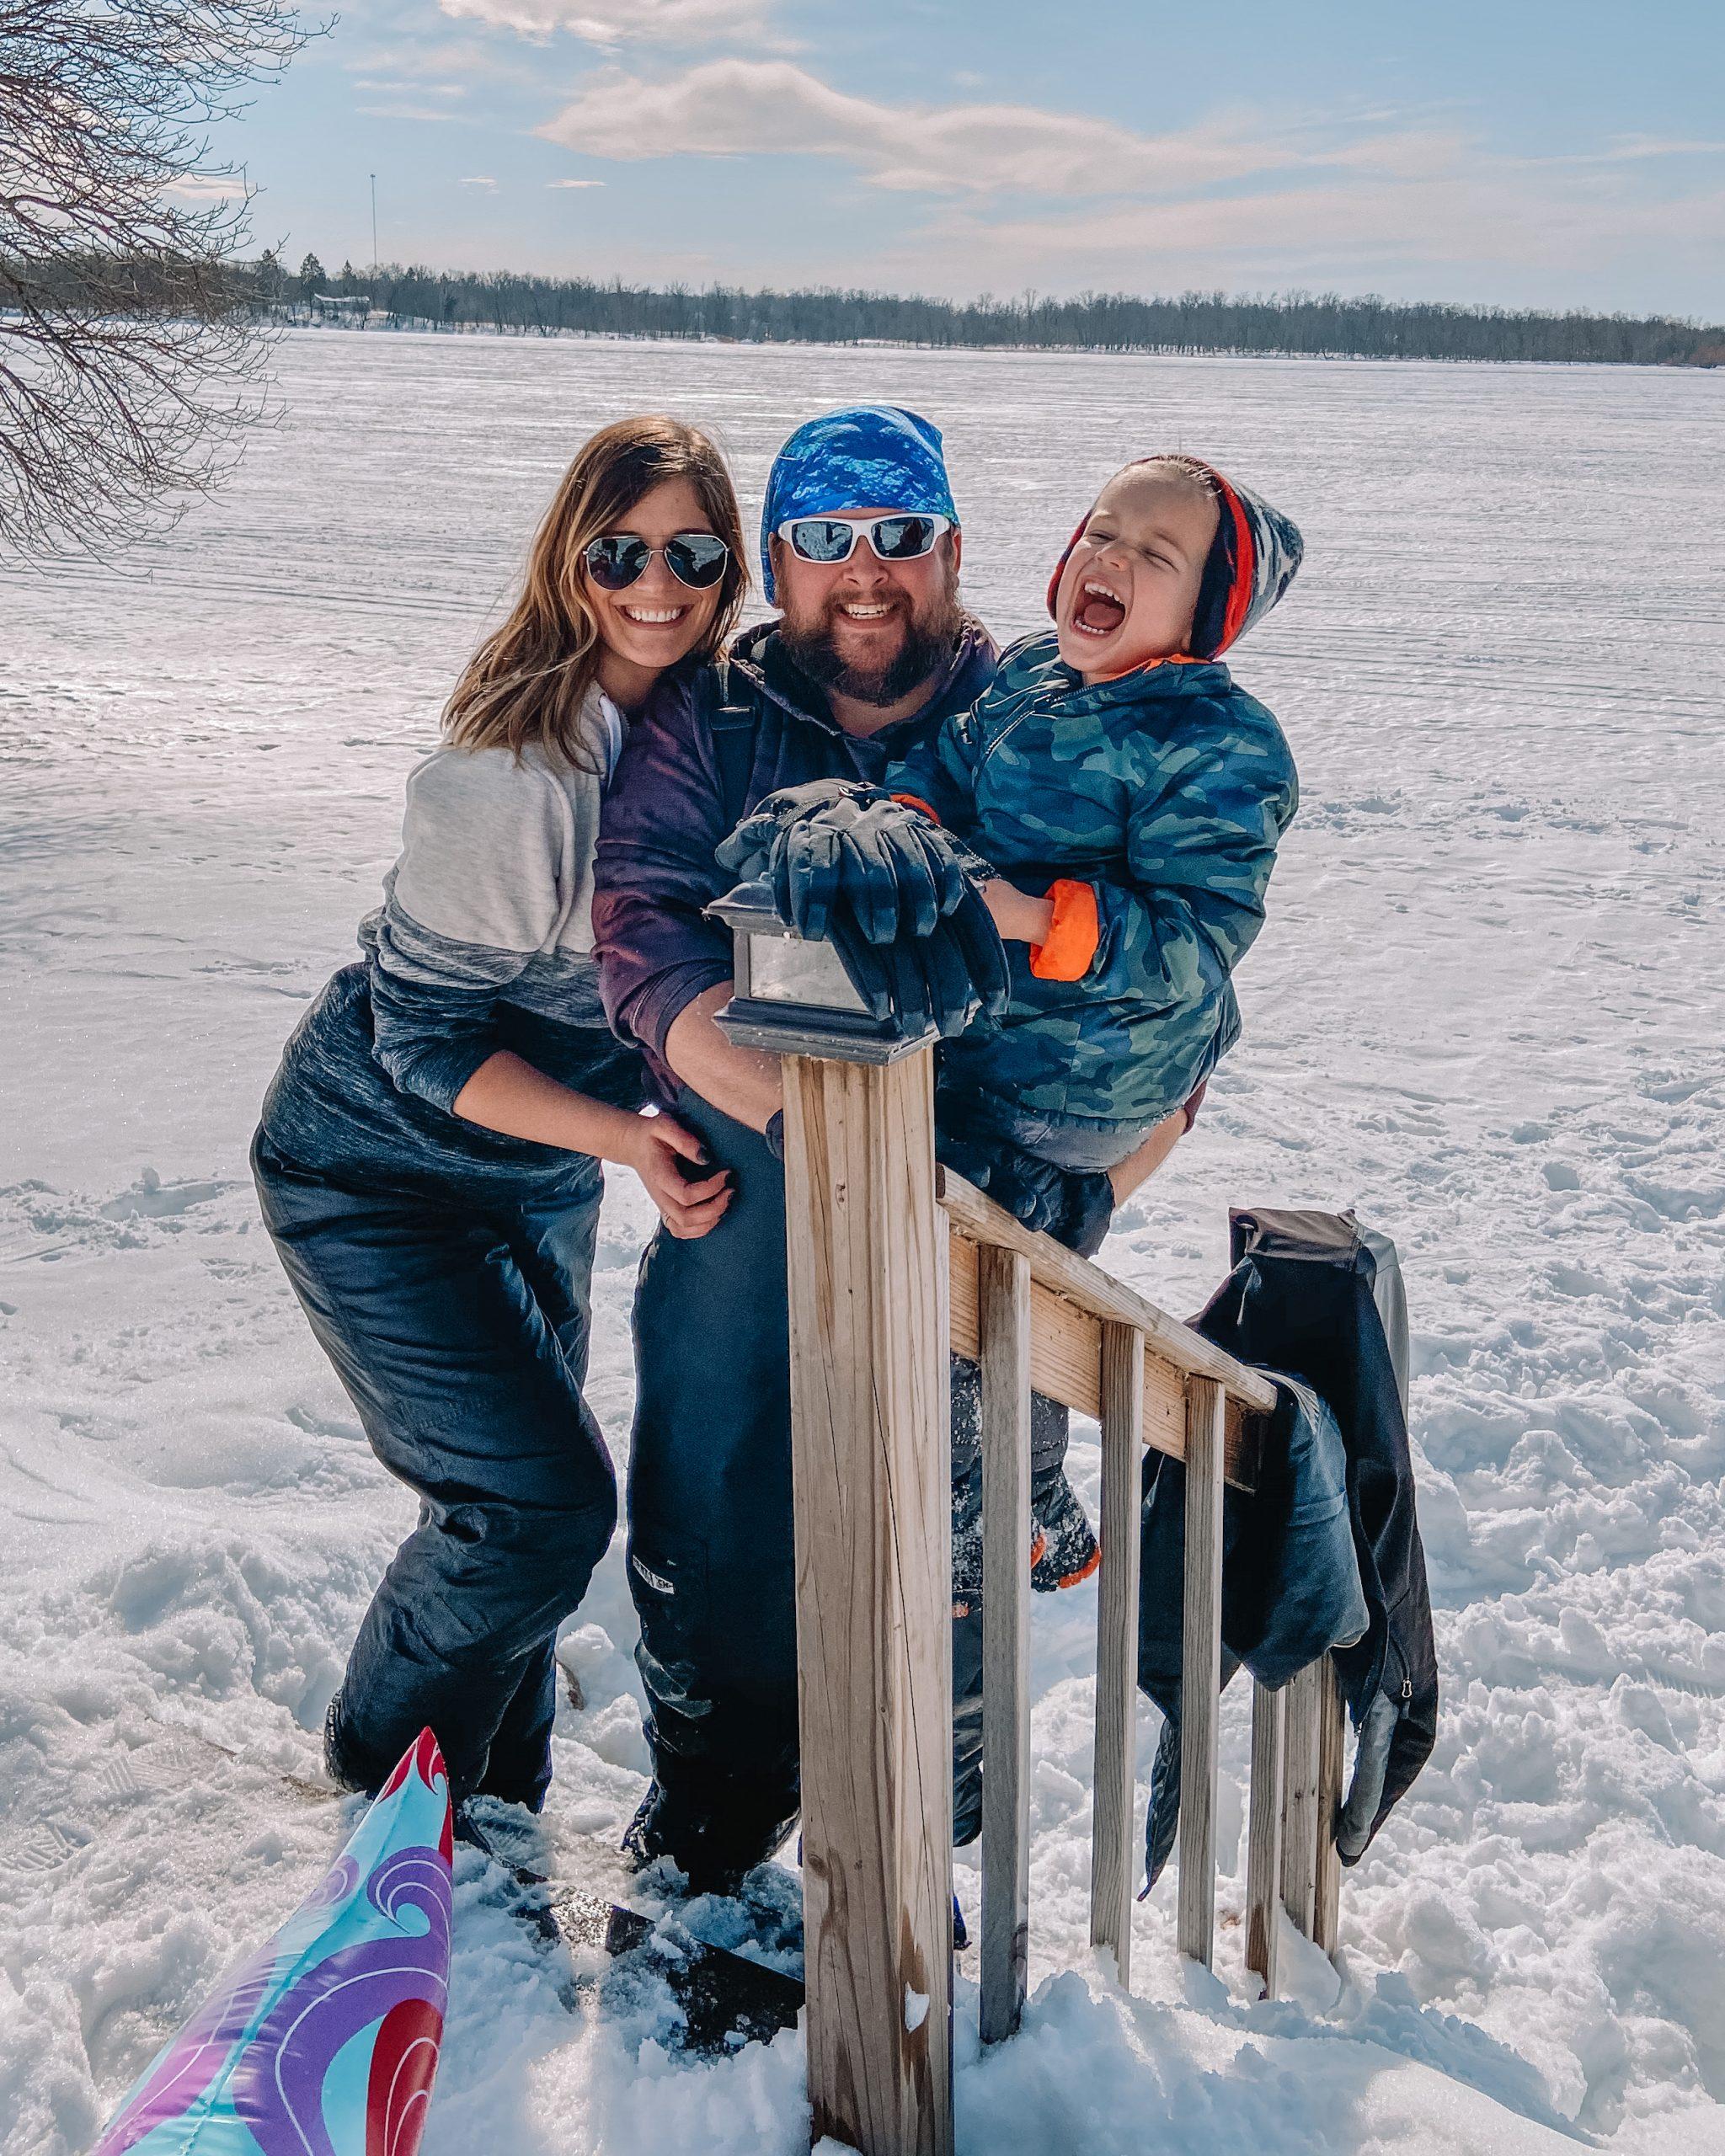 family sledding at the lake